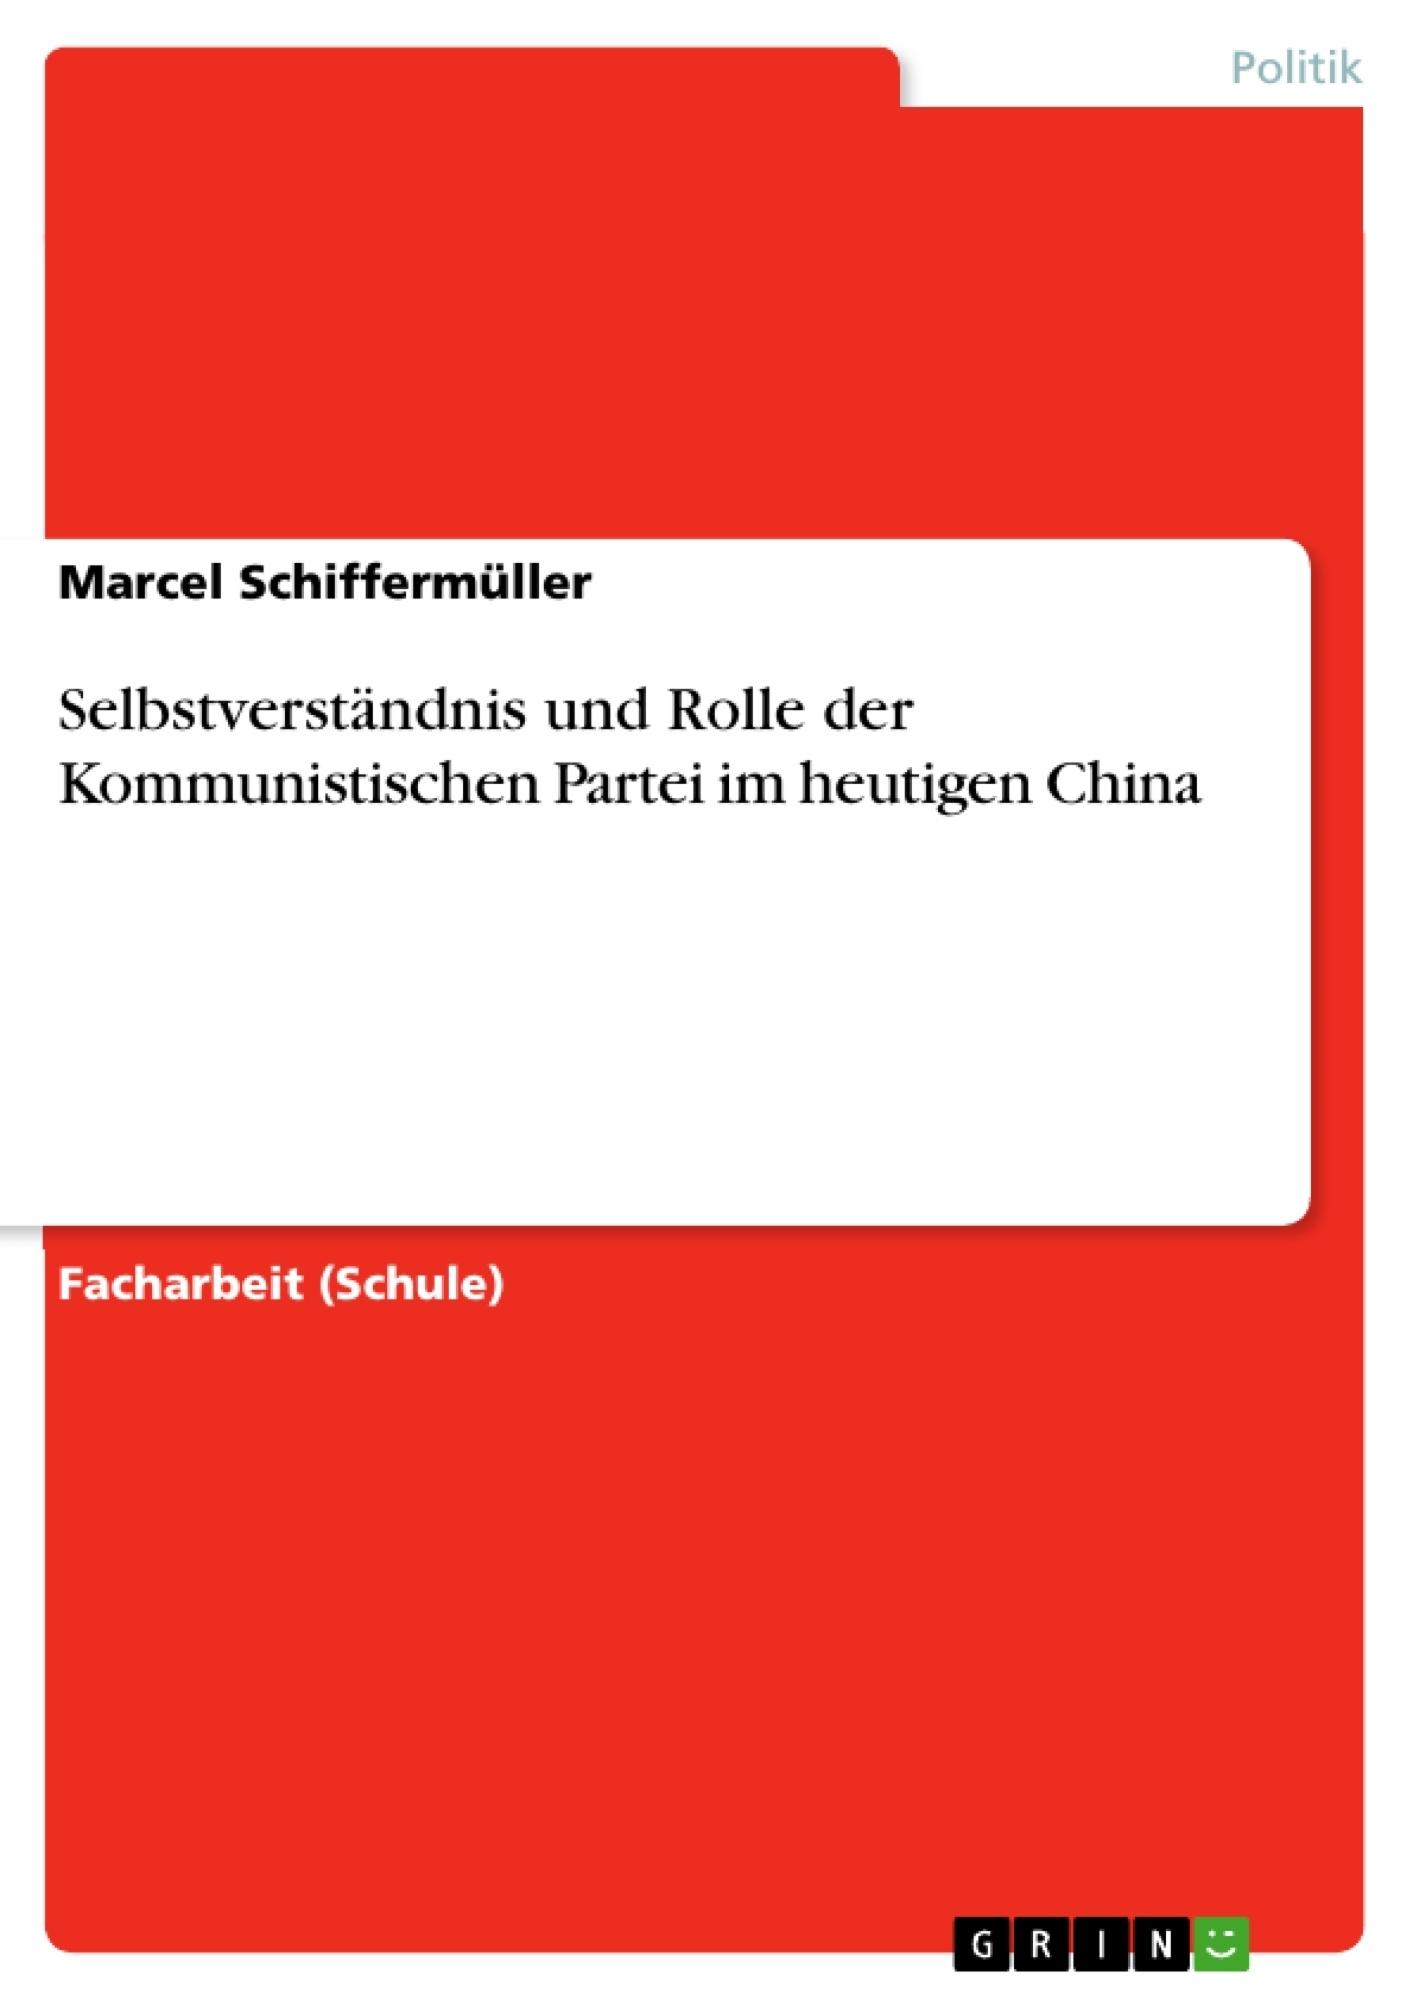 Titel: Selbstverständnis und Rolle der Kommunistischen Partei im heutigen China